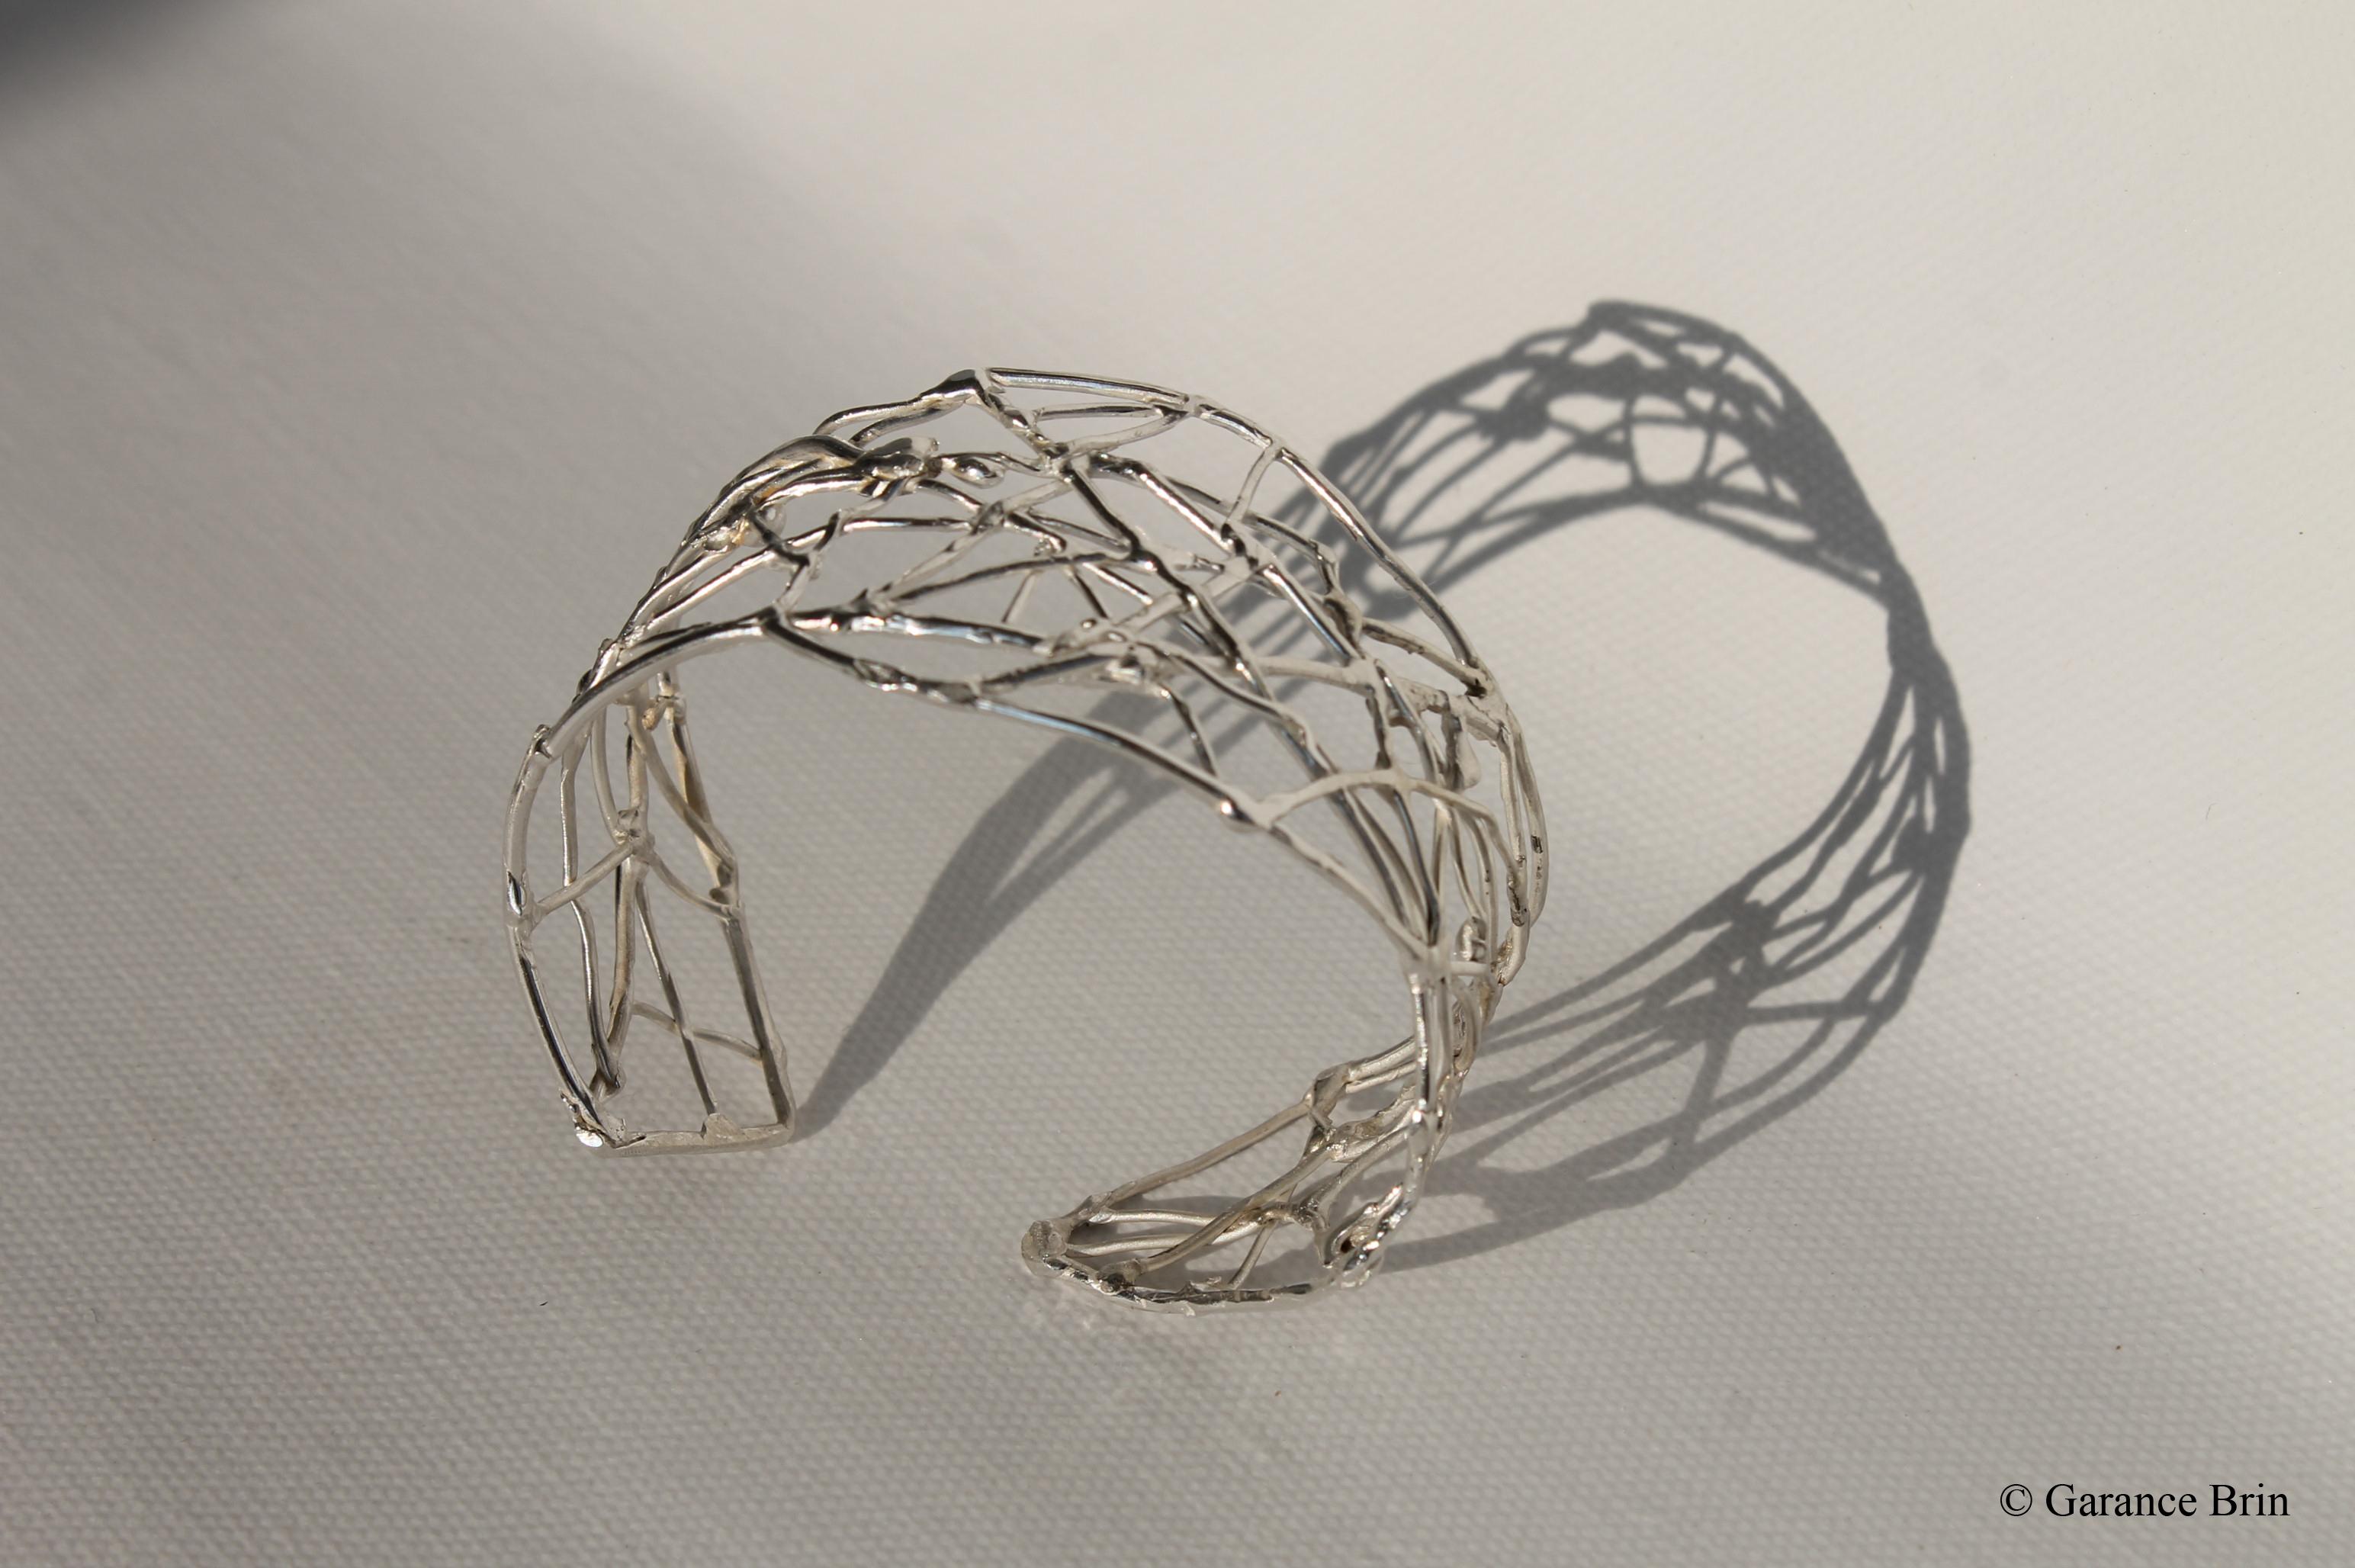 Manchette brut de toile de la créatrice de bijoux Garance BRIN